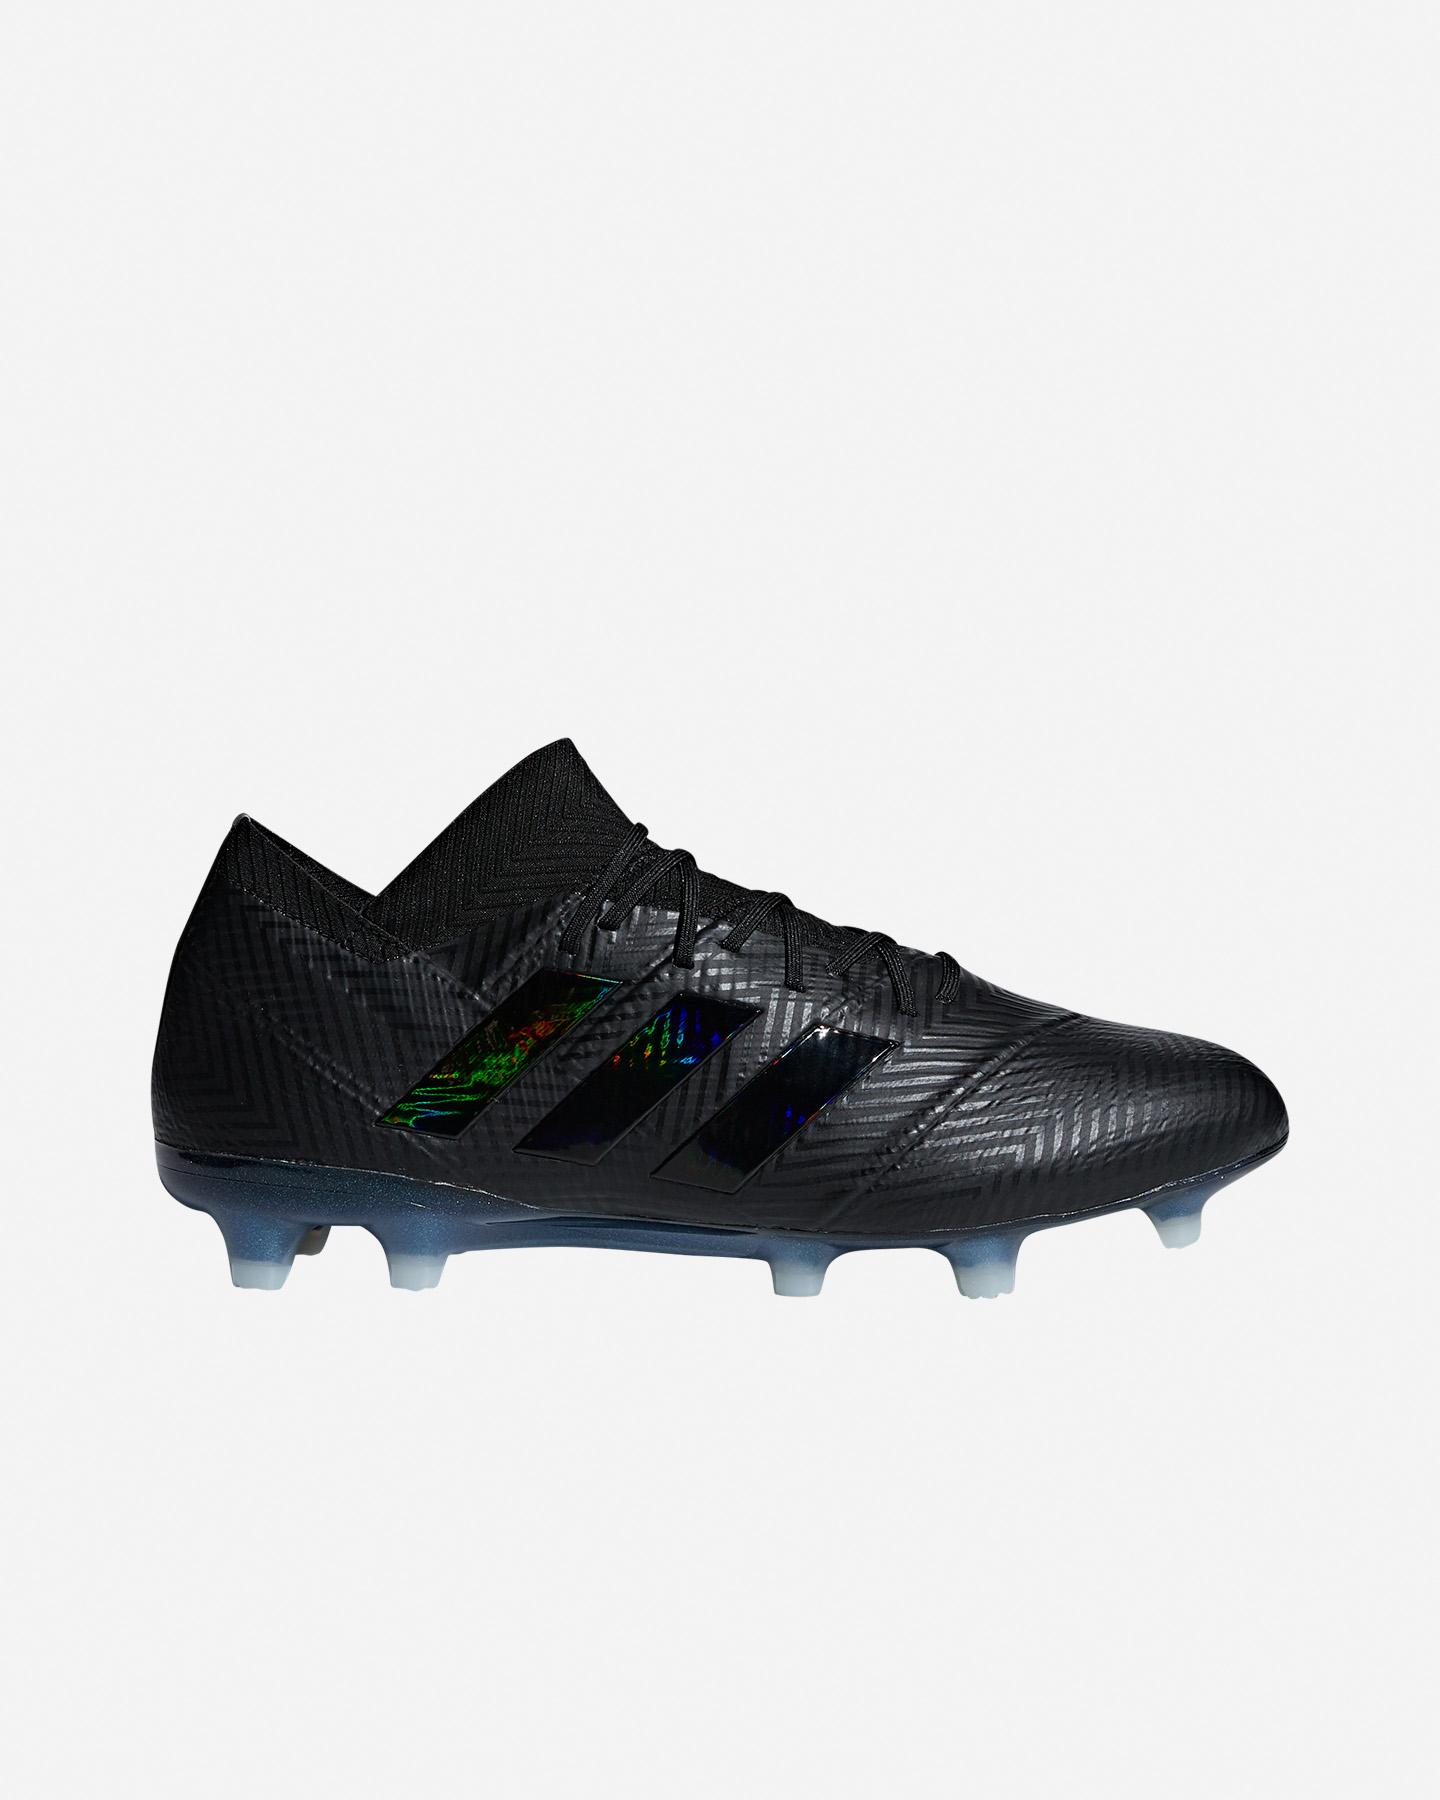 b639f1db2 Scarpe Calcio Adidas Nemeziz 18.1 Fg M DB2078   Cisalfa Sport